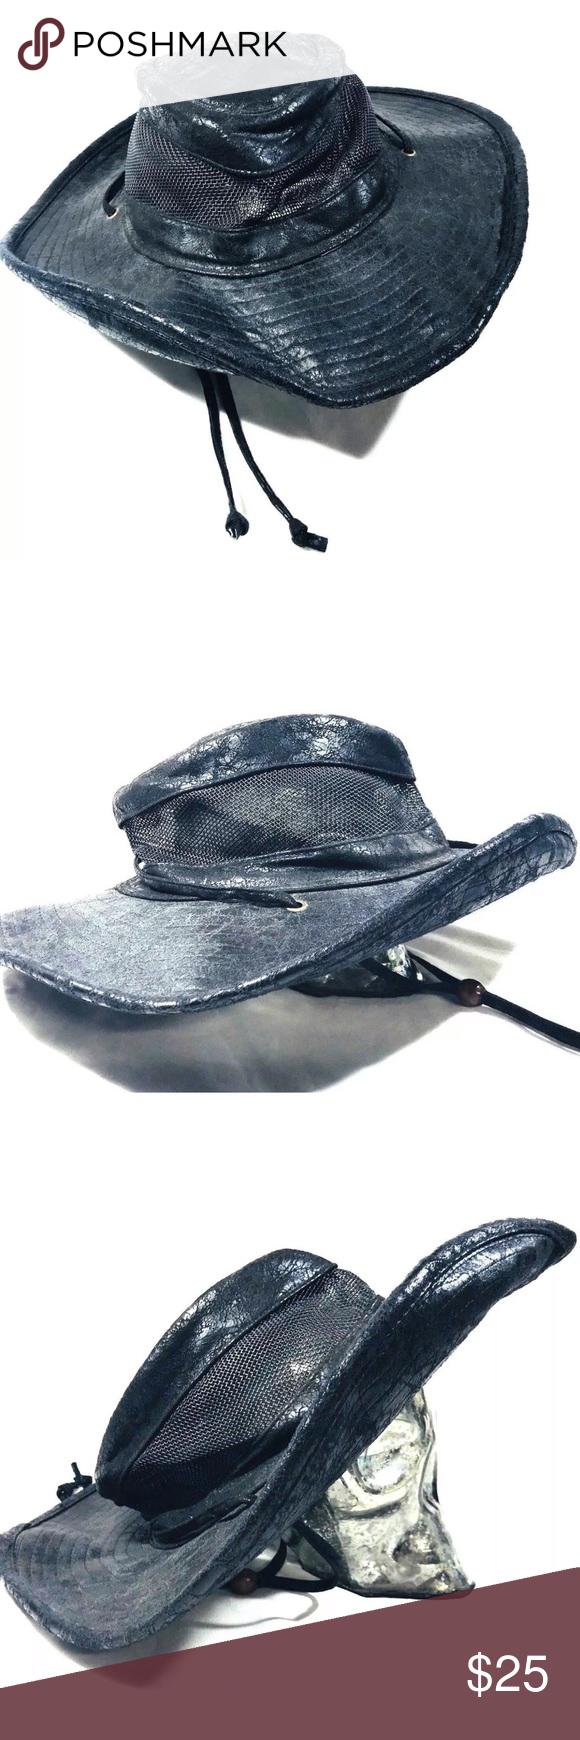 23ae3586c33af GoldCoast Sunwear Black Outback Wide Brim Sun Hat GoldCoast Sunwear Black  Outback Wide Brim Sun Hat